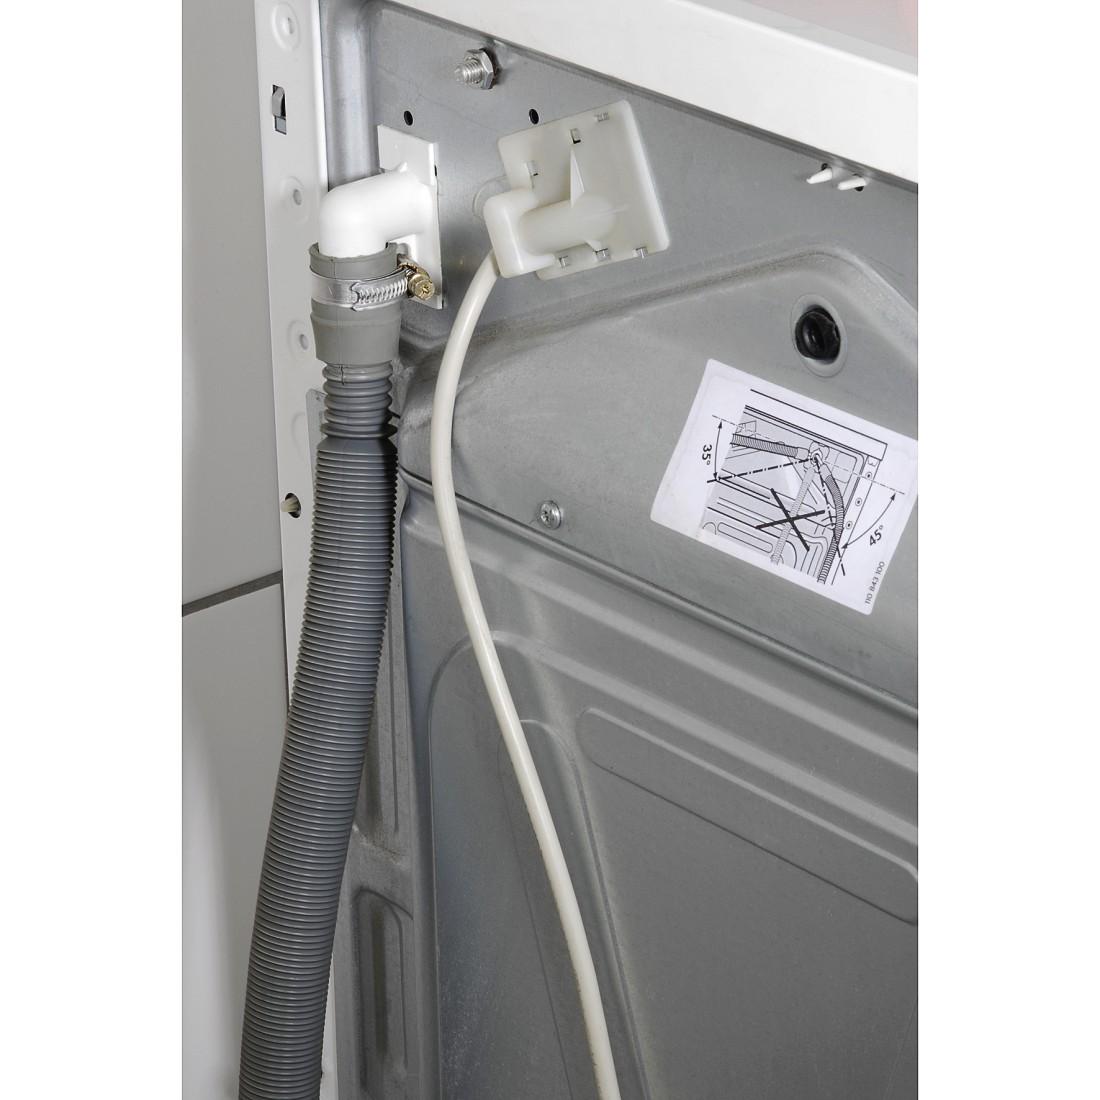 00110806 xavax ablaufschlauch f r waschmaschinen geschirrsp ler 1 2 4 m xavax. Black Bedroom Furniture Sets. Home Design Ideas